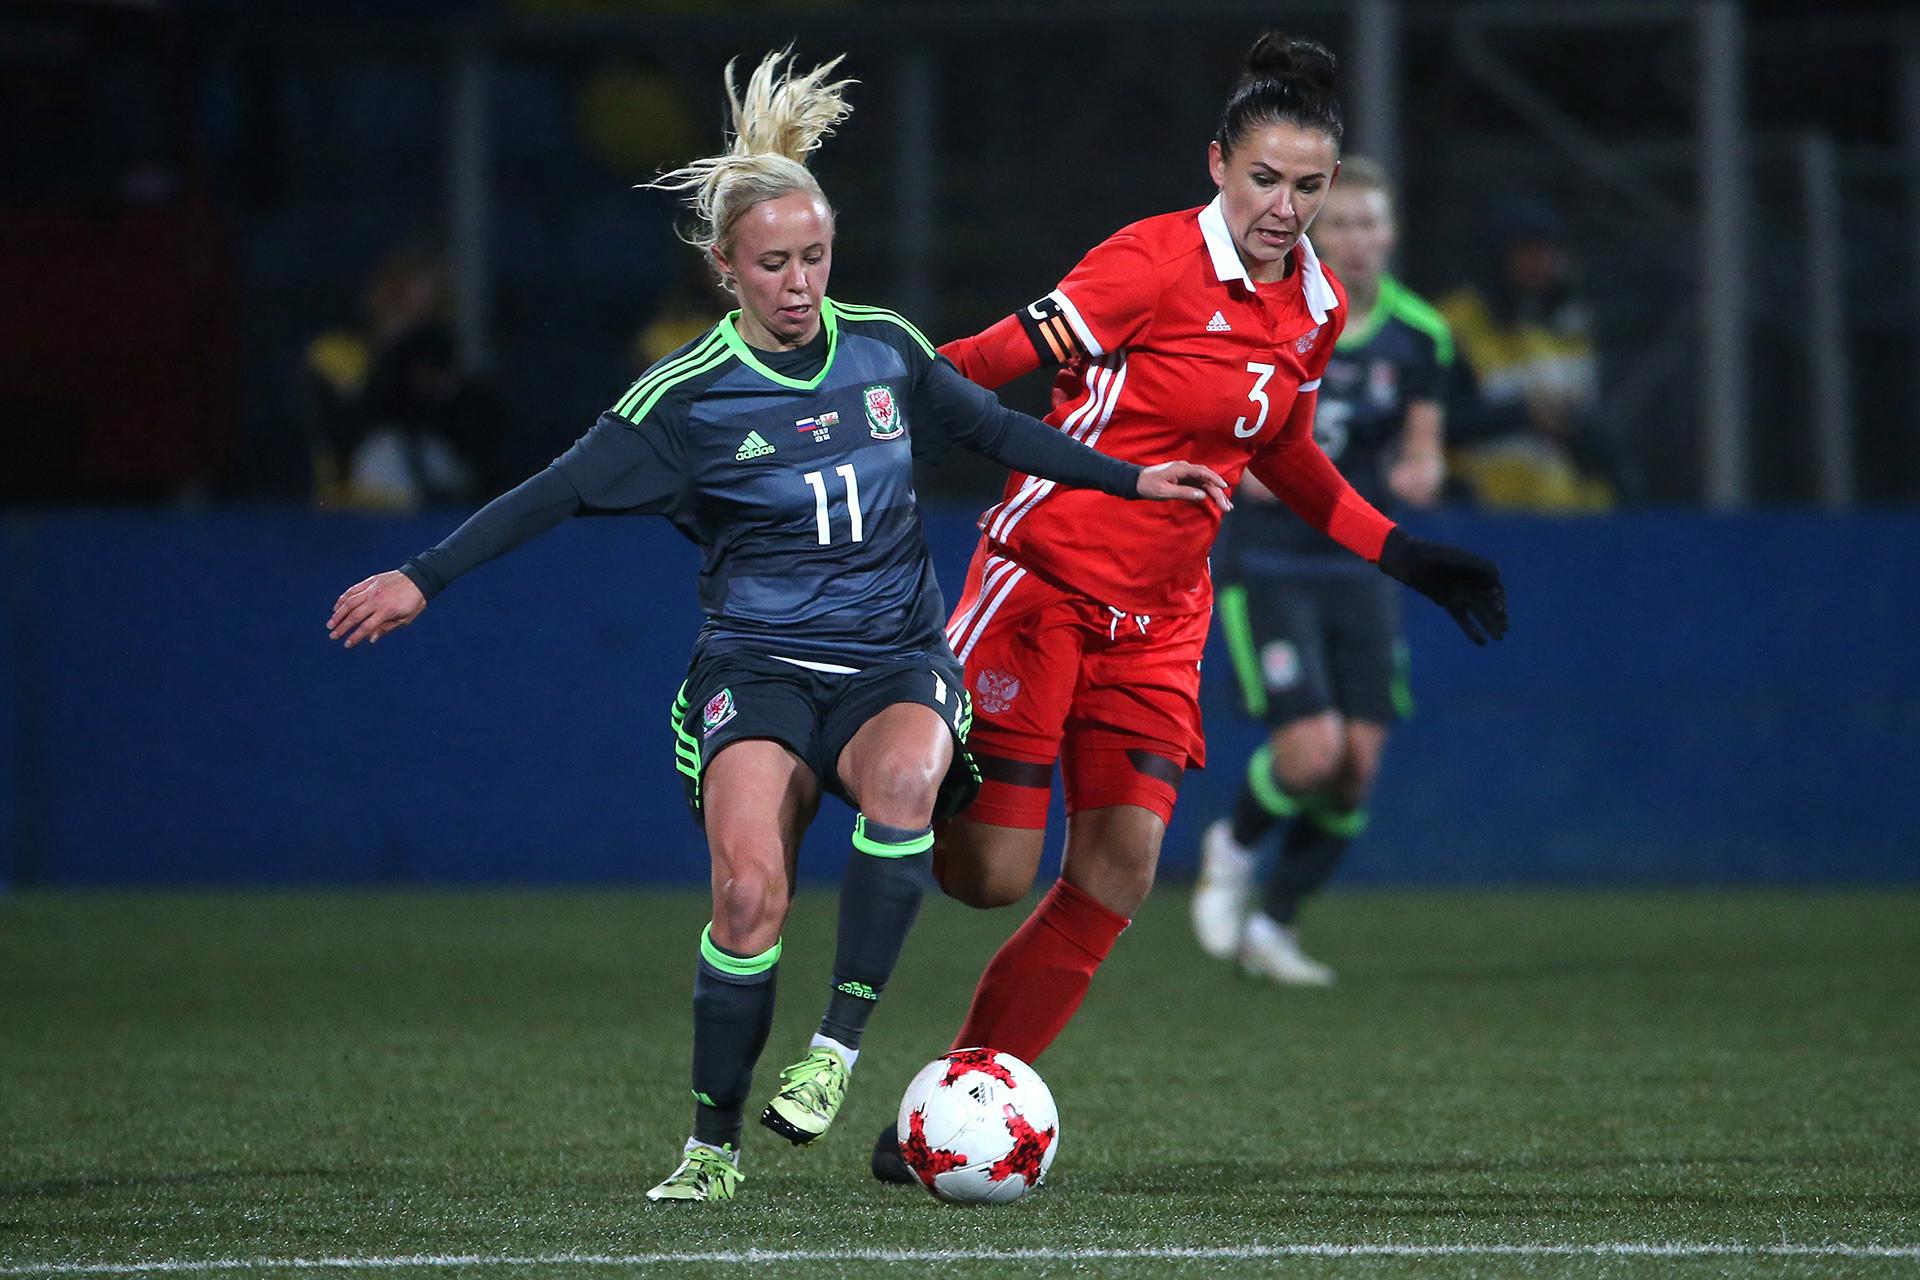 Anna Kózhnikova (a la derecha) durate el torneo clasificatorio la Copa Mundial Femenina de Fútbol de 2019.